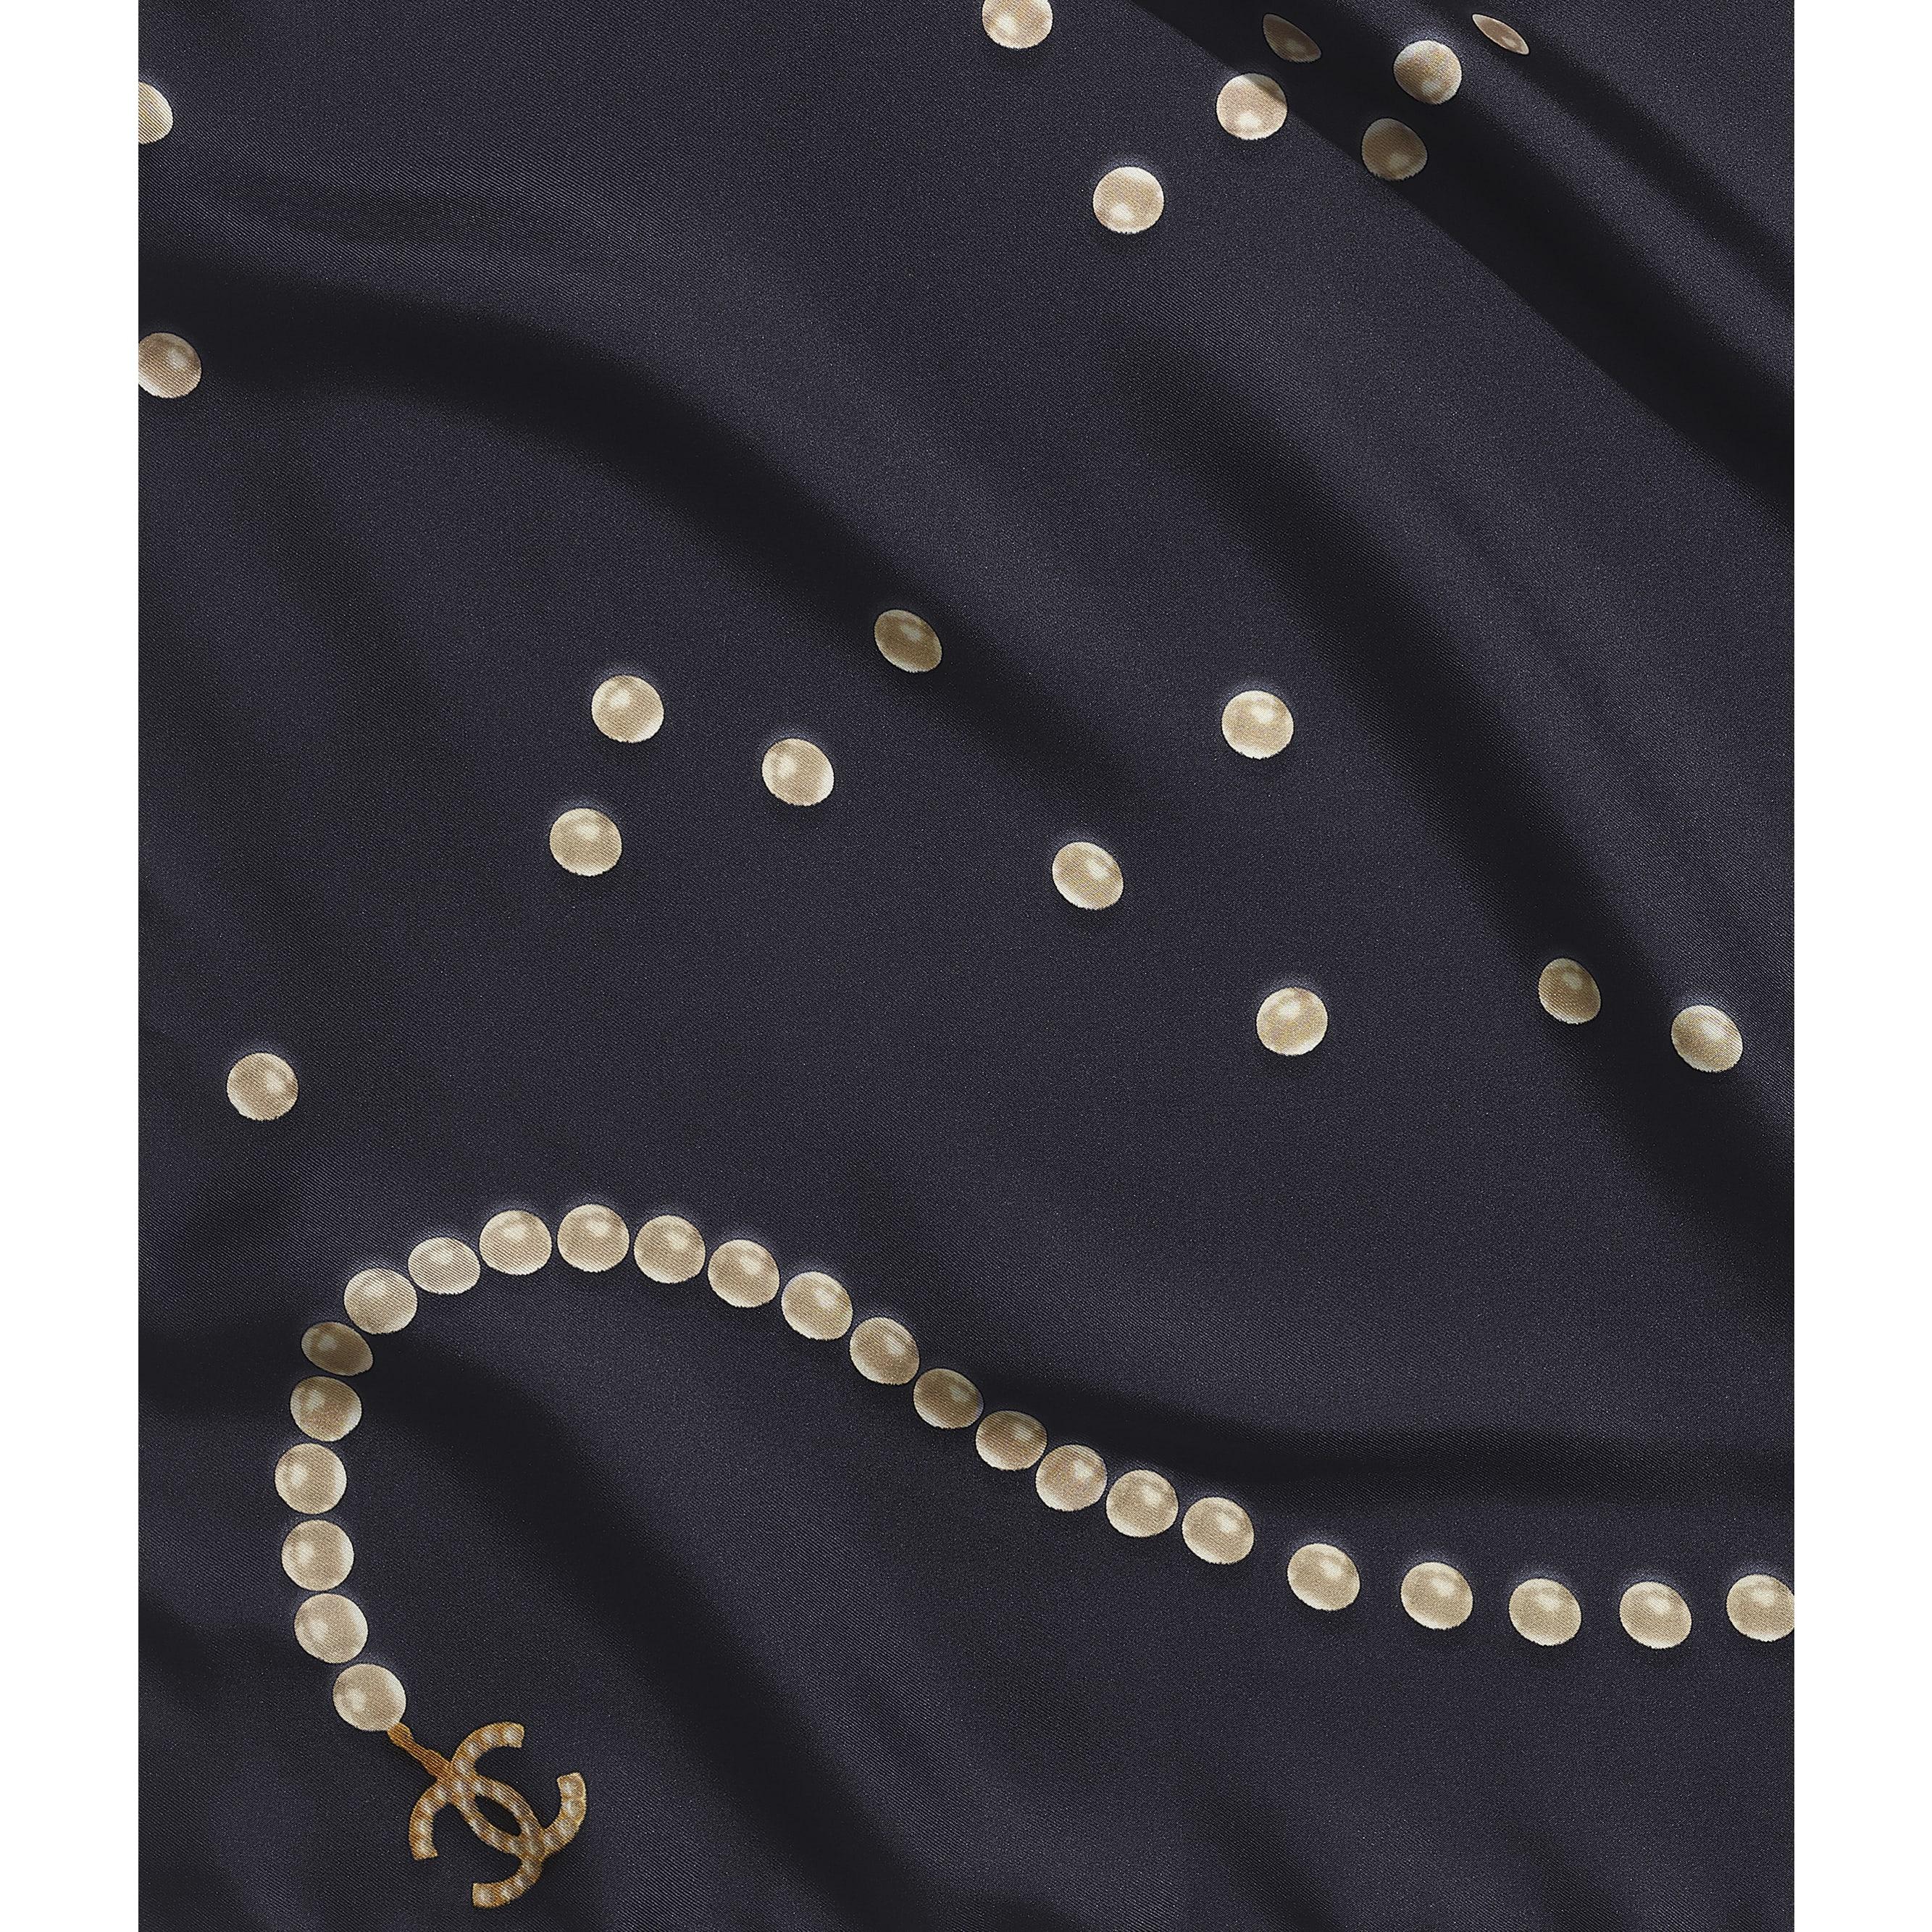 ผ้าพันคอทรงสี่เหลี่ยมจัตุรัส - สีน้ำเงินเนวี่บลู - ผ้าไหม - มุมมองปัจจุบัน - ดูเวอร์ชันขนาดมาตรฐาน